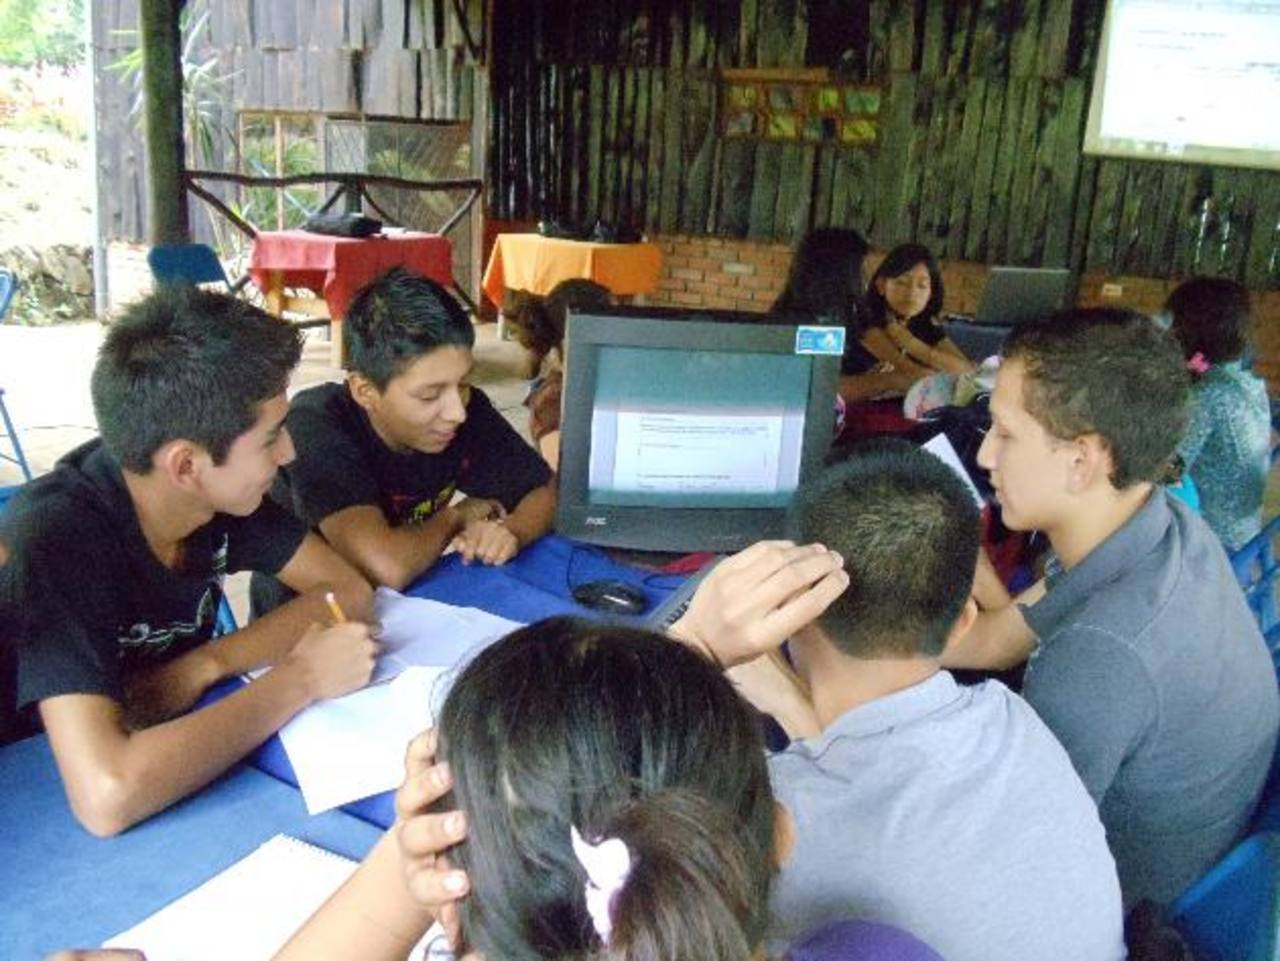 La entidad busca el desarrollo de los jóvenes y darles herramientas para trabajar. Foto EDH La entidad busca el desarrollo de los jóvenes y darles herramientas para trabajar. foto edh